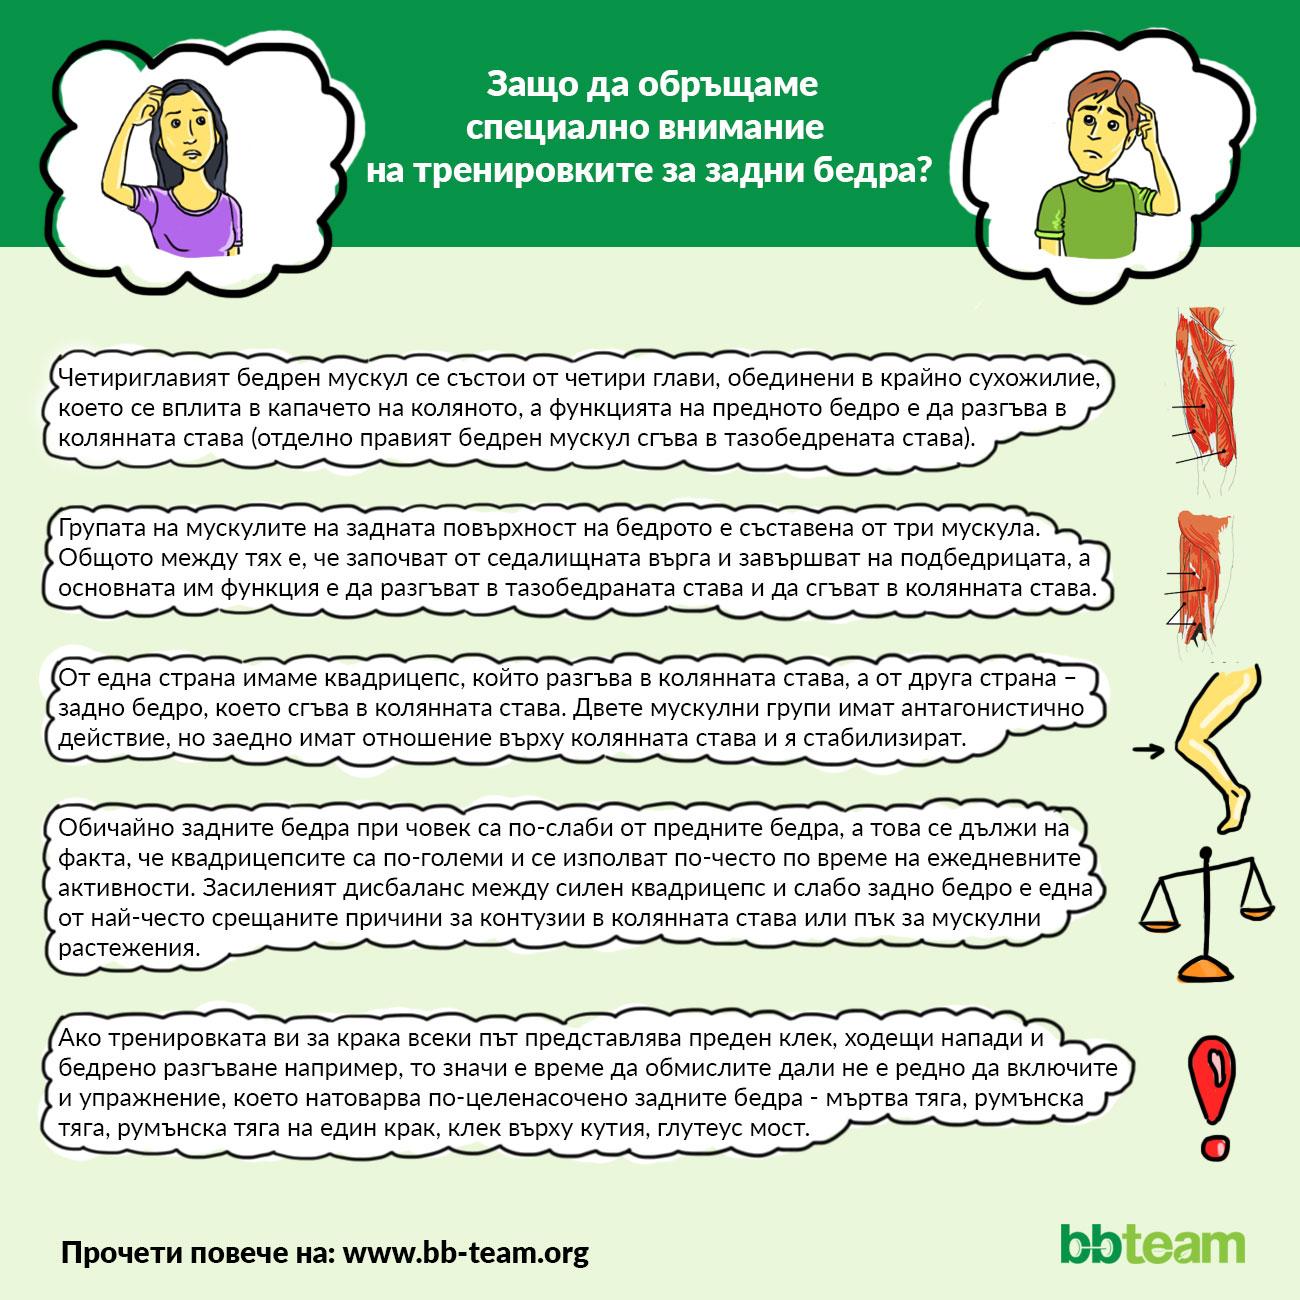 Защо да обръщаме специално внимание на тренировките за задни бедра? [инфографика]